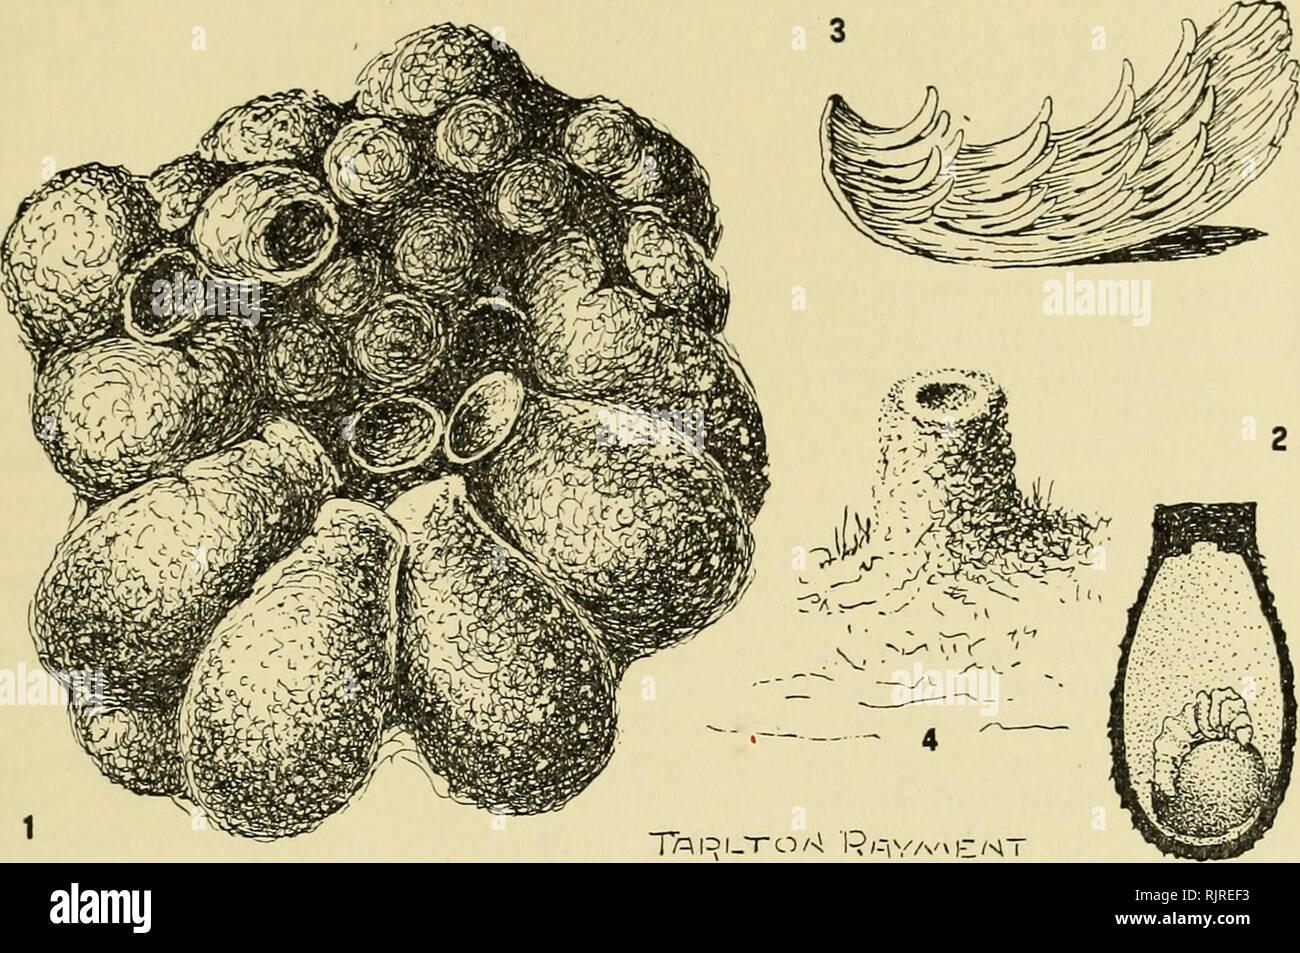 """. El zoólogo australiano. Zoología; Zoología; Zoología. RAYMENT 147. Fig. 4: Detalles de Halictus cyclurus y leai Cockerell. 1. Un grupo de pequeñas células de barro de Halictus cyclurus Ckll. 2. Una sección de la celda que muestra una larva alimentándose de polen del almacén. 3. El viejo polen-mat de H. leai Ckll. se descompone en un número de hojuelas salival, y revela el método de construcción. 4. La pequeña chimenea-stack a la entrada del eje. de los granos de polen, y unos ocho a diez días, se gastan en consumir el """"pudding"""". El exterior suave que contenga más néctar no es consumido fir Foto de stock"""